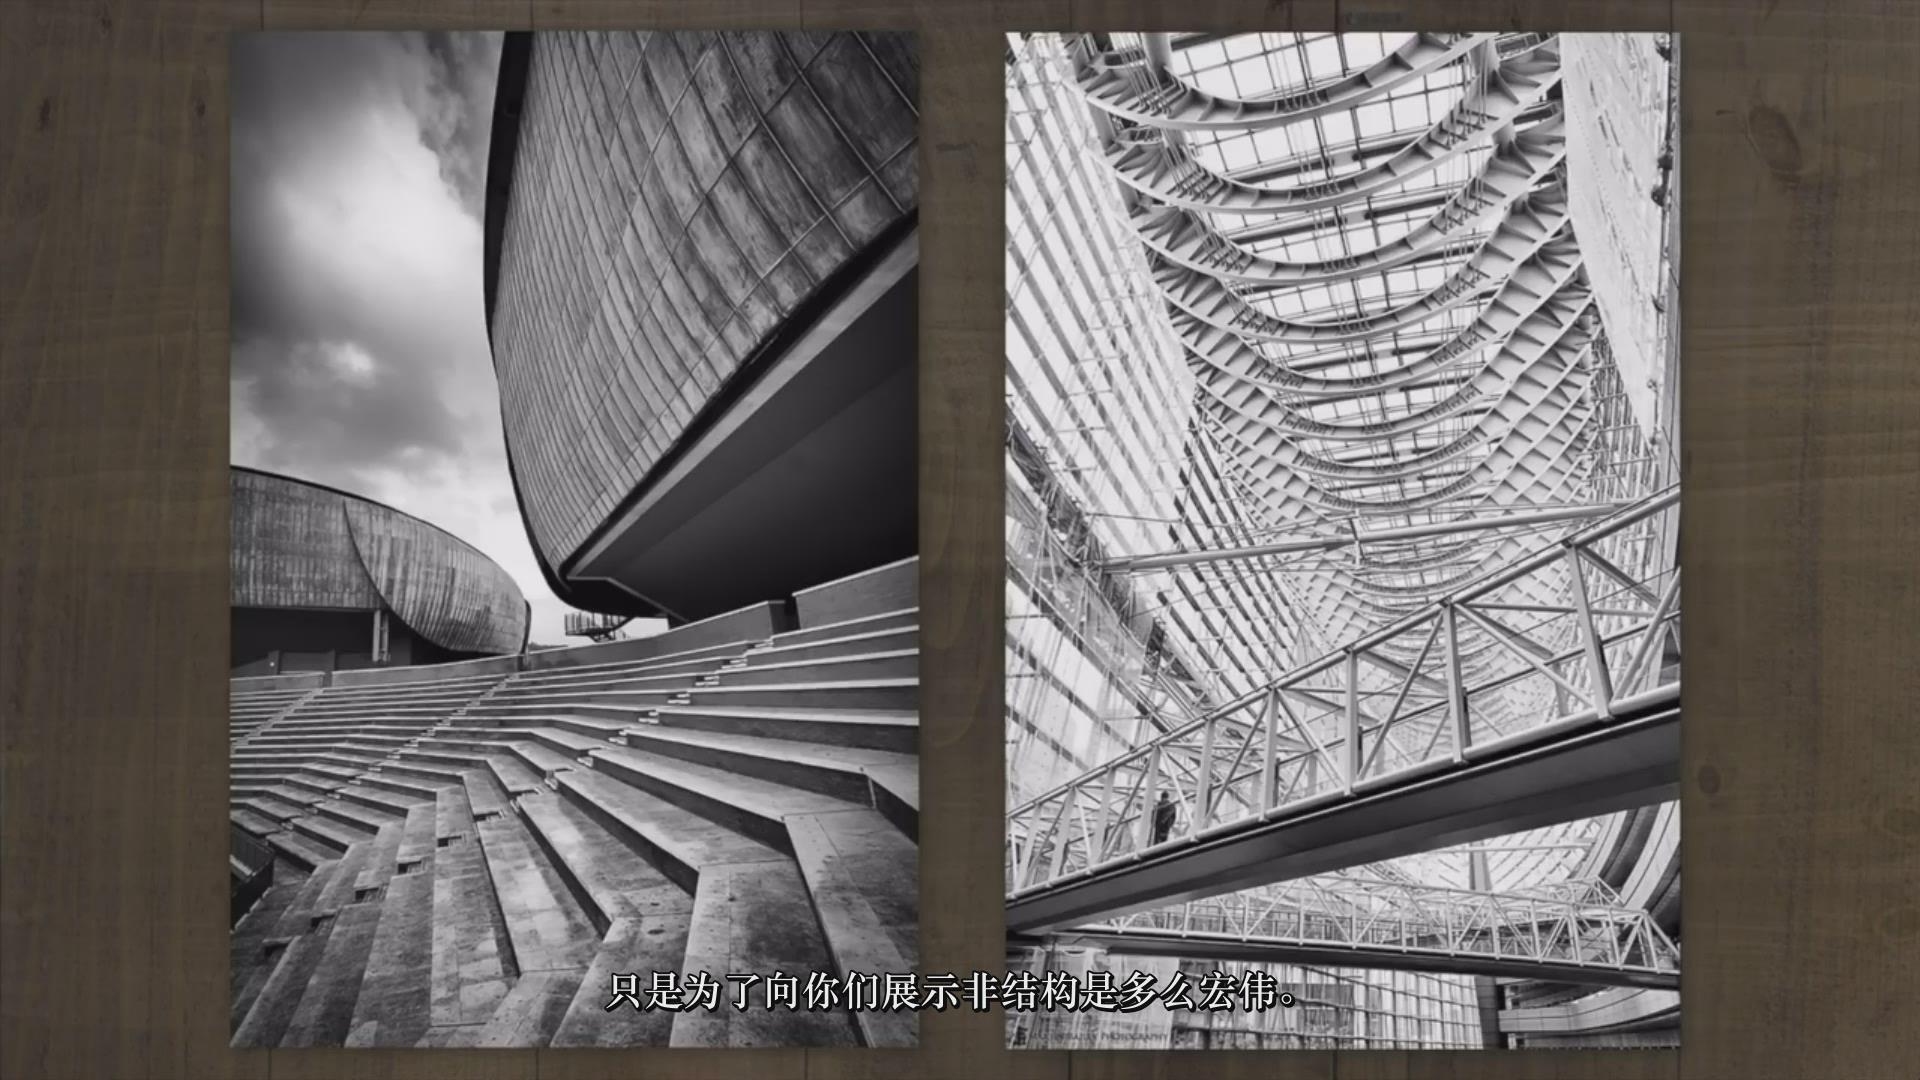 """摄影教程_Frank Minghella-""""完美照片构图""""将您摄影技术提高到一个新水平-中文字幕 摄影教程 _预览图10"""